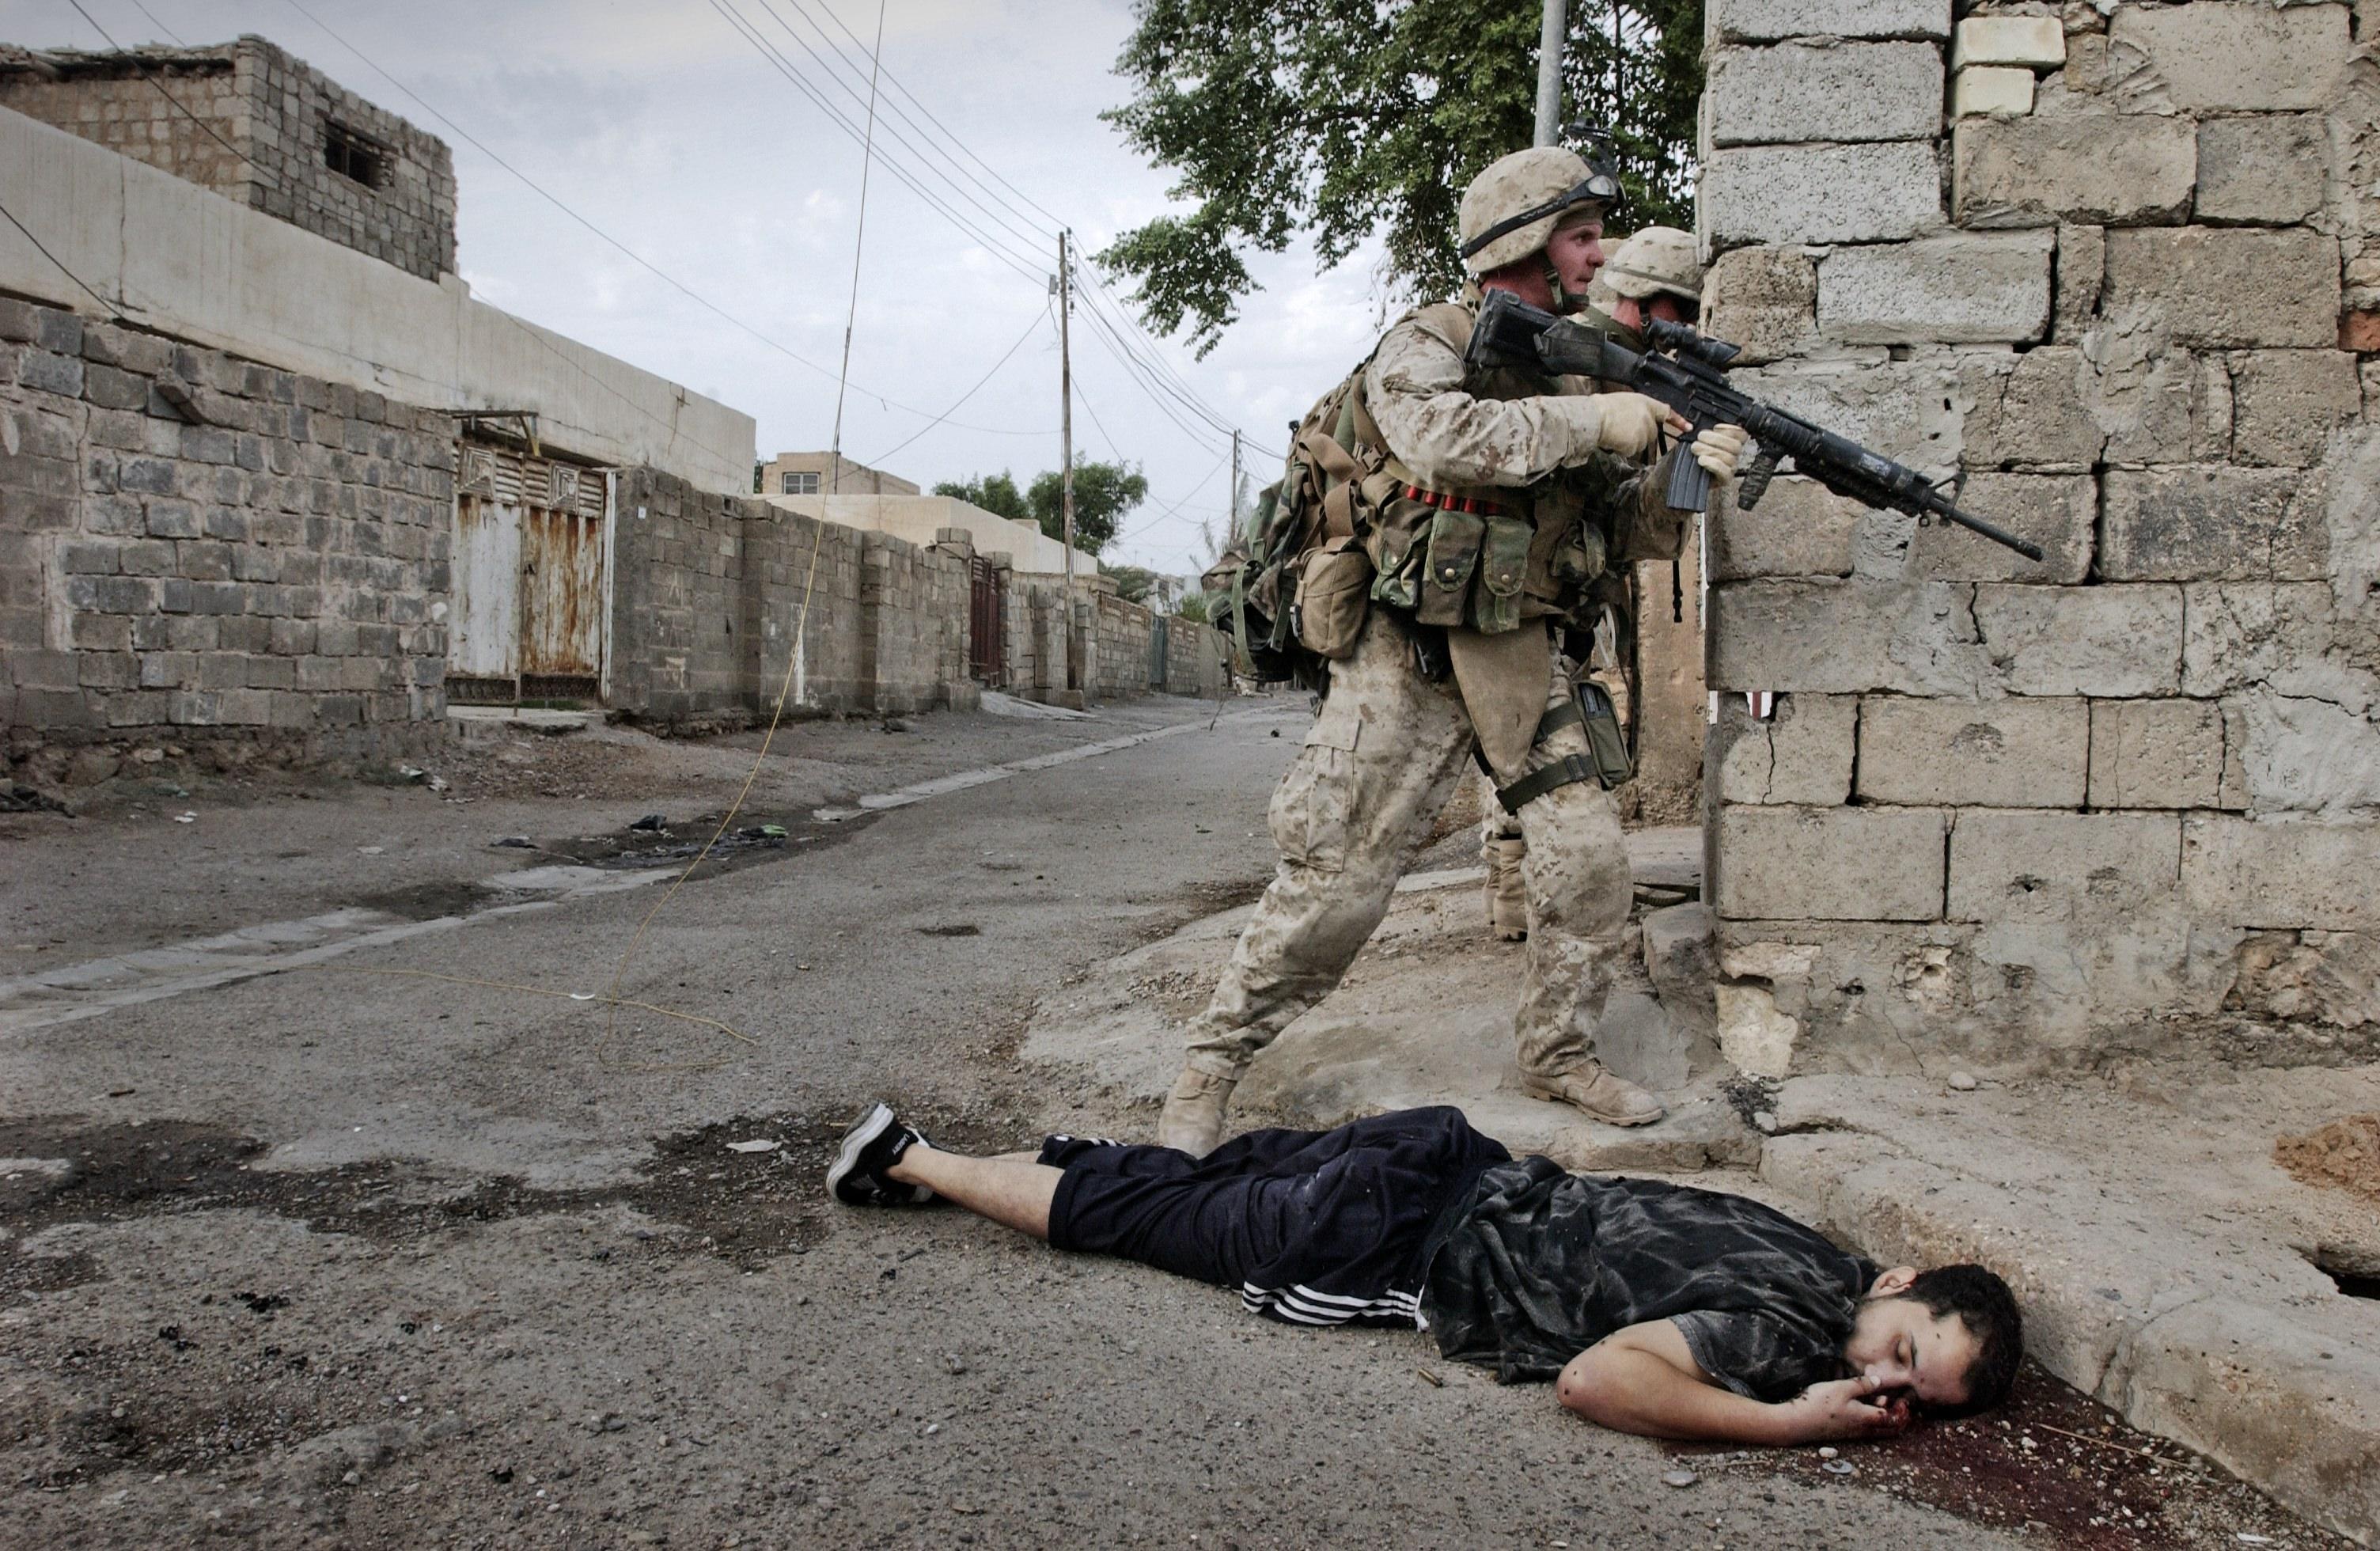 ผลการค้นหารูปภาพสำหรับ iraq war